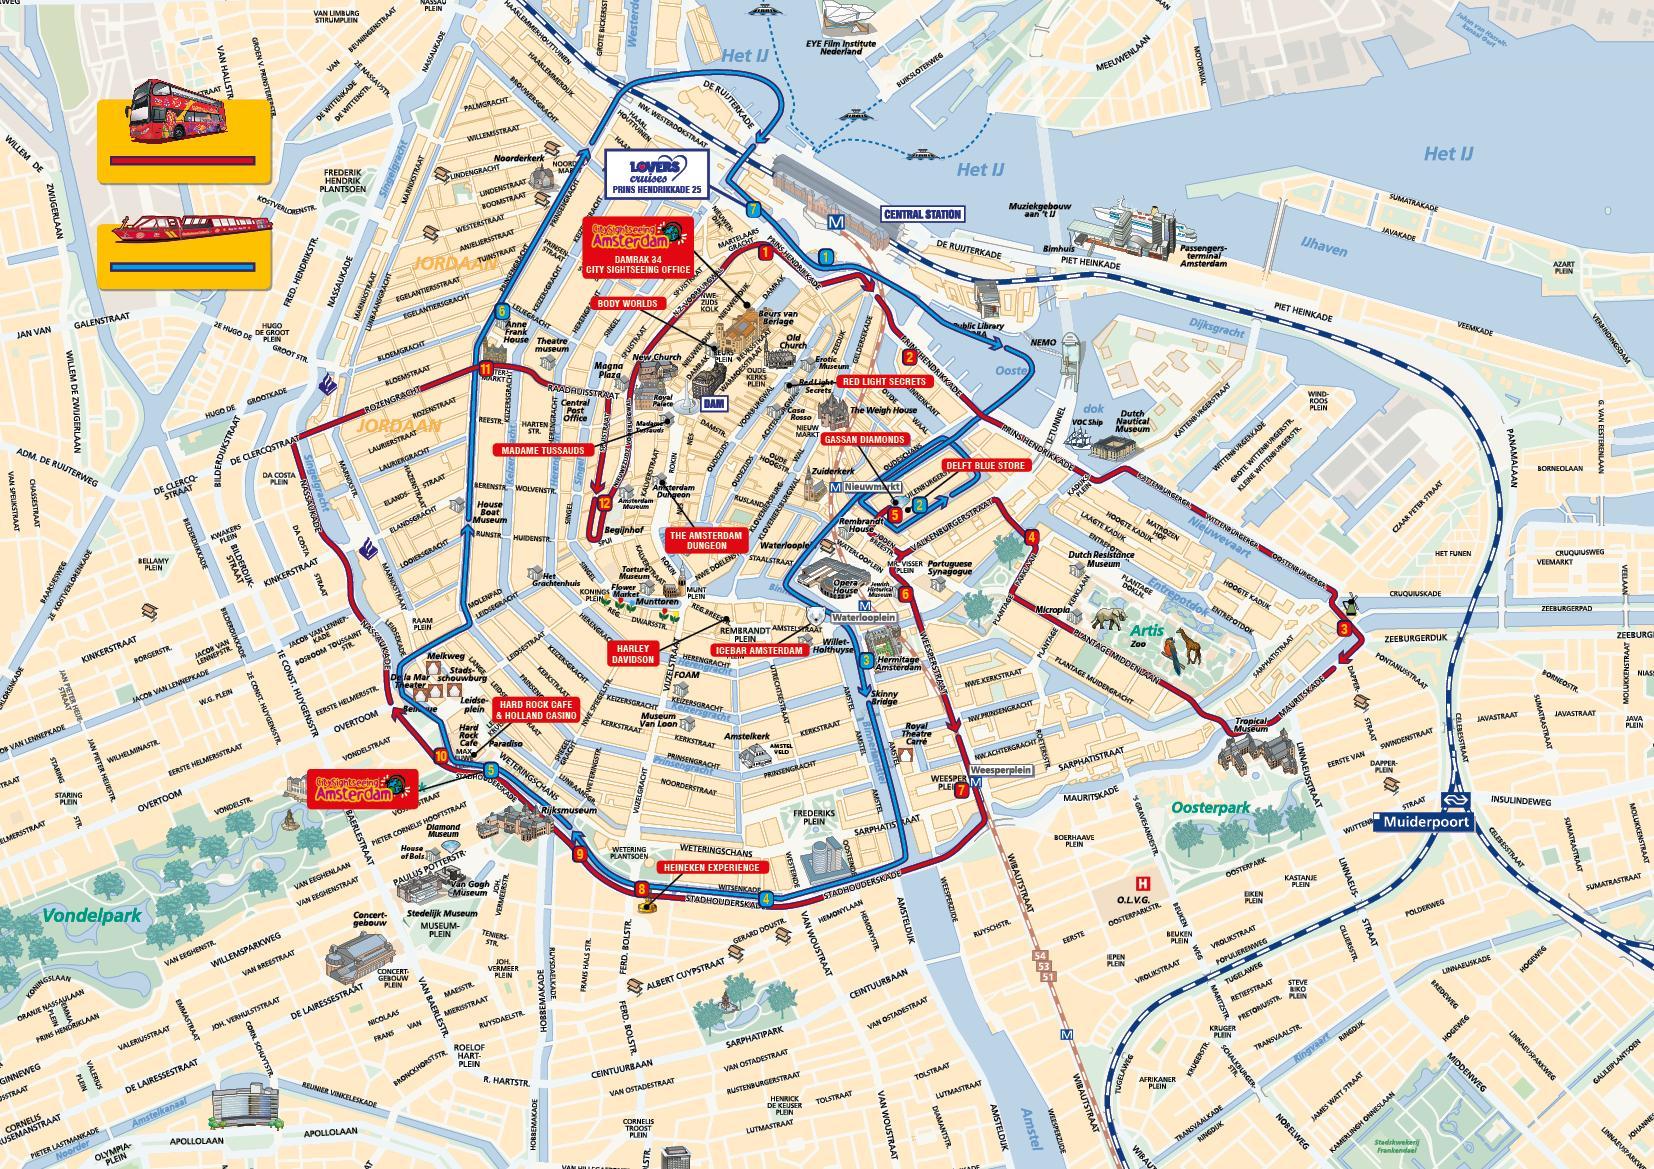 Amsterdam Sites Anzeigen Amsterdam Sehenswurdigkeiten Karte